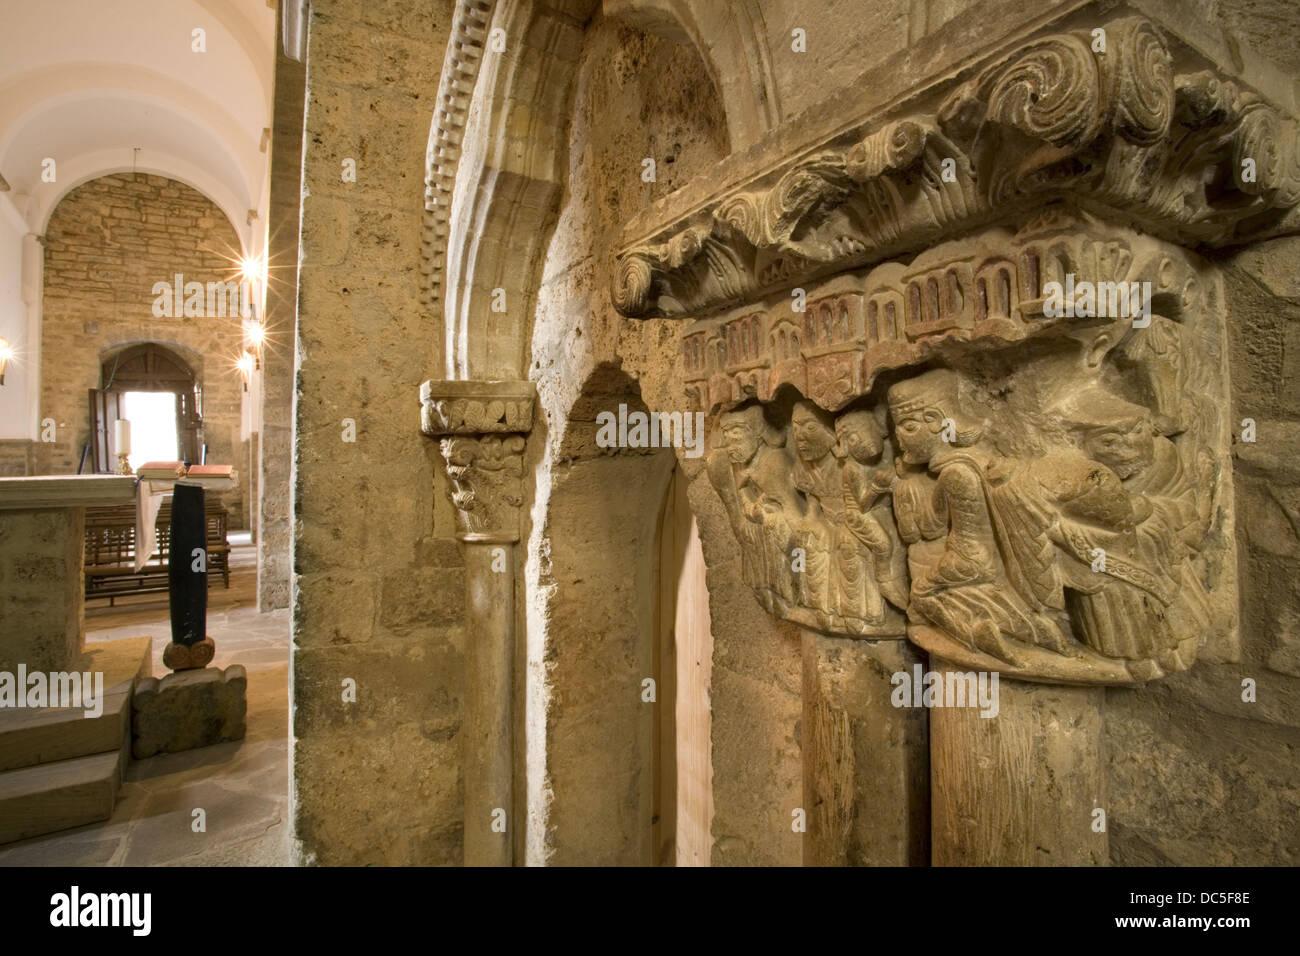 Représentant de la capitale l'Adoration des Mages dans l'église Santa Maria la Real, Piasca, Cabezon Photo Stock